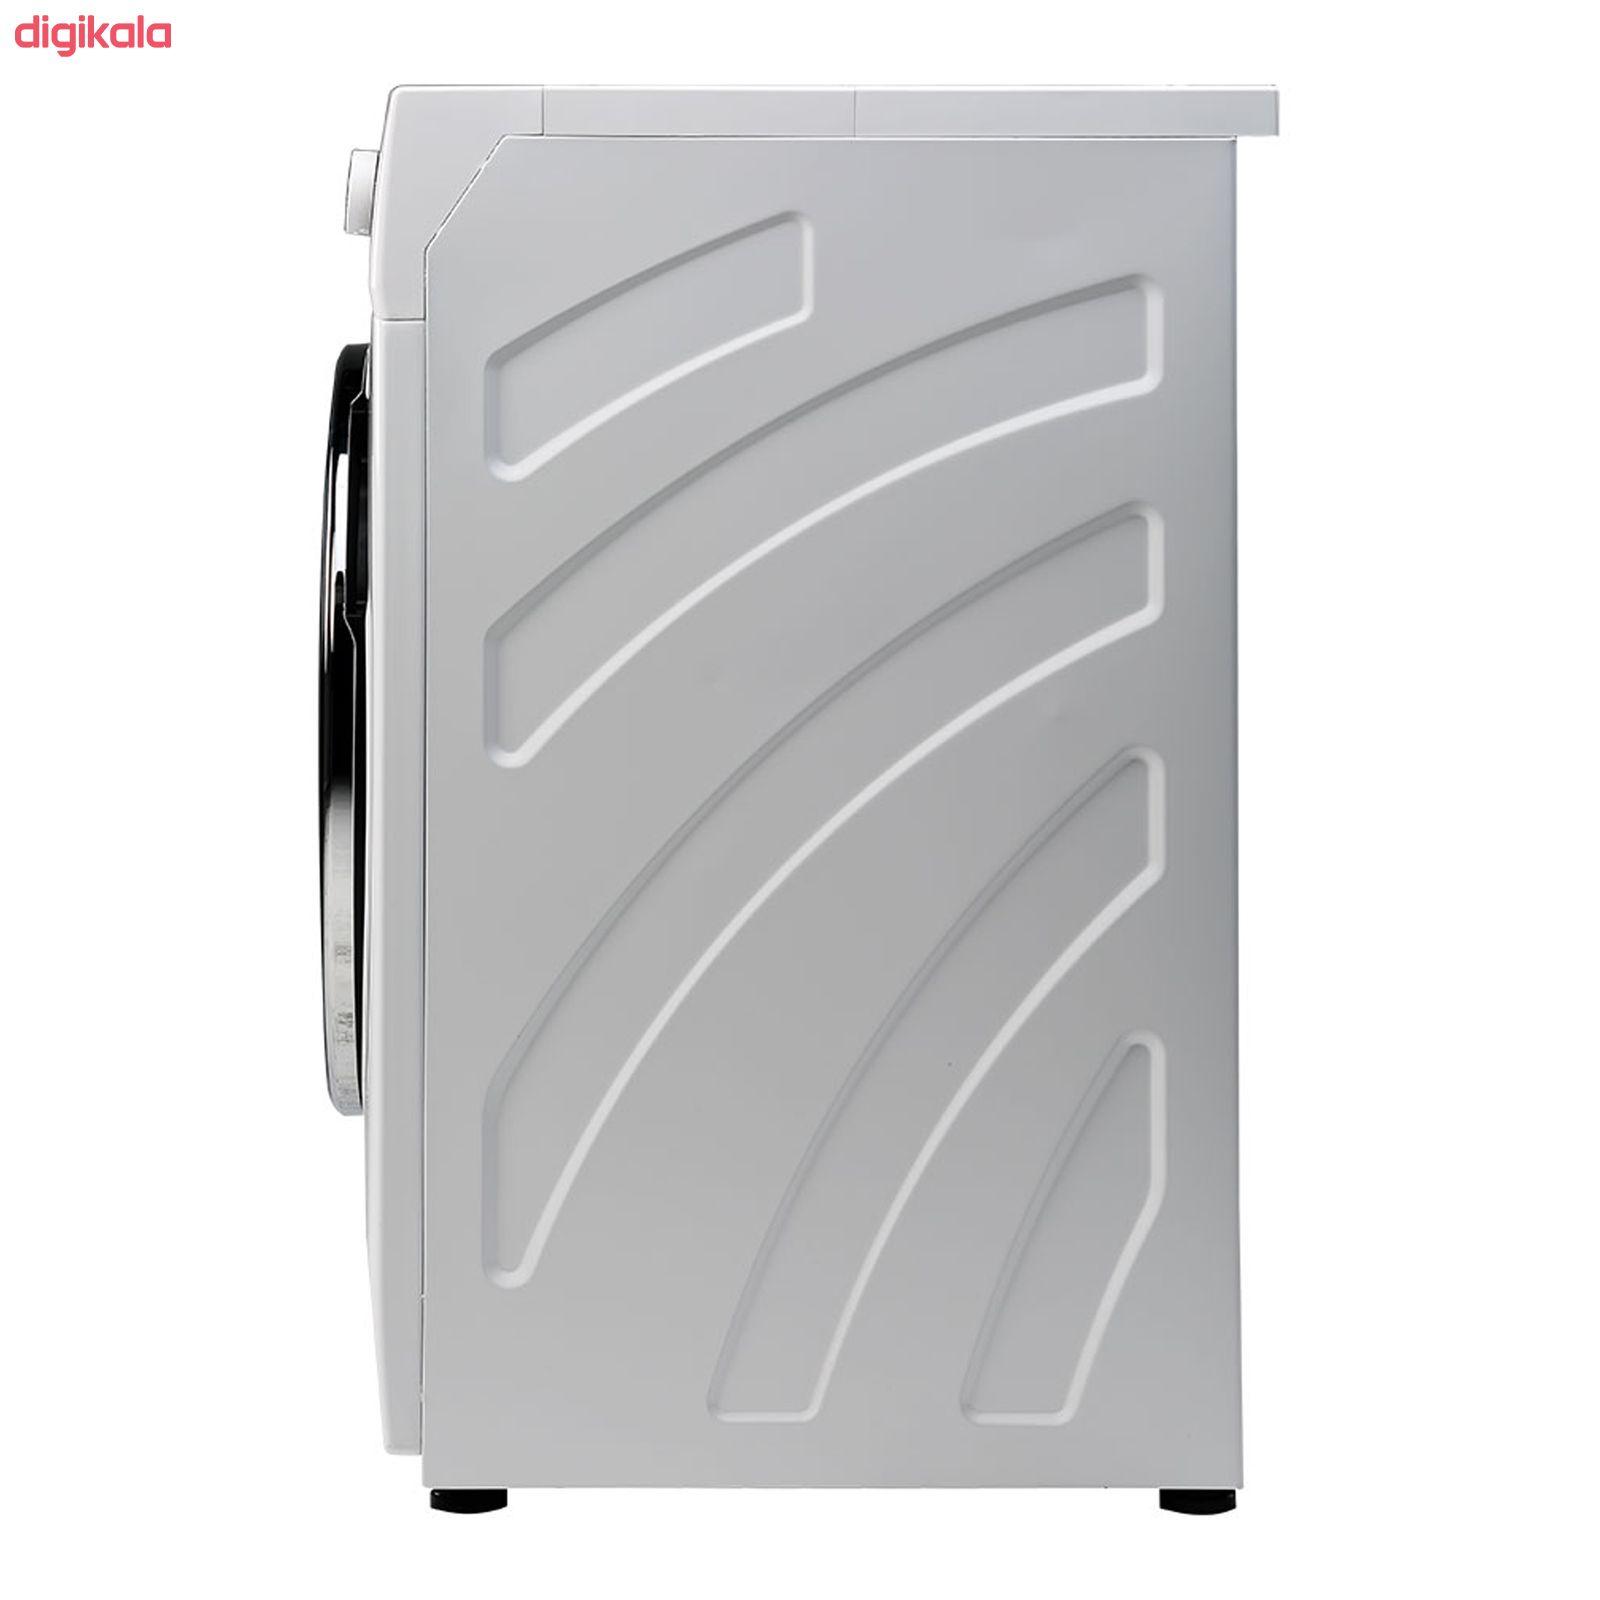 ماشین لباسشویی جی پلاس مدل J8470W ظرفیت 8 کیلوگرم main 1 5